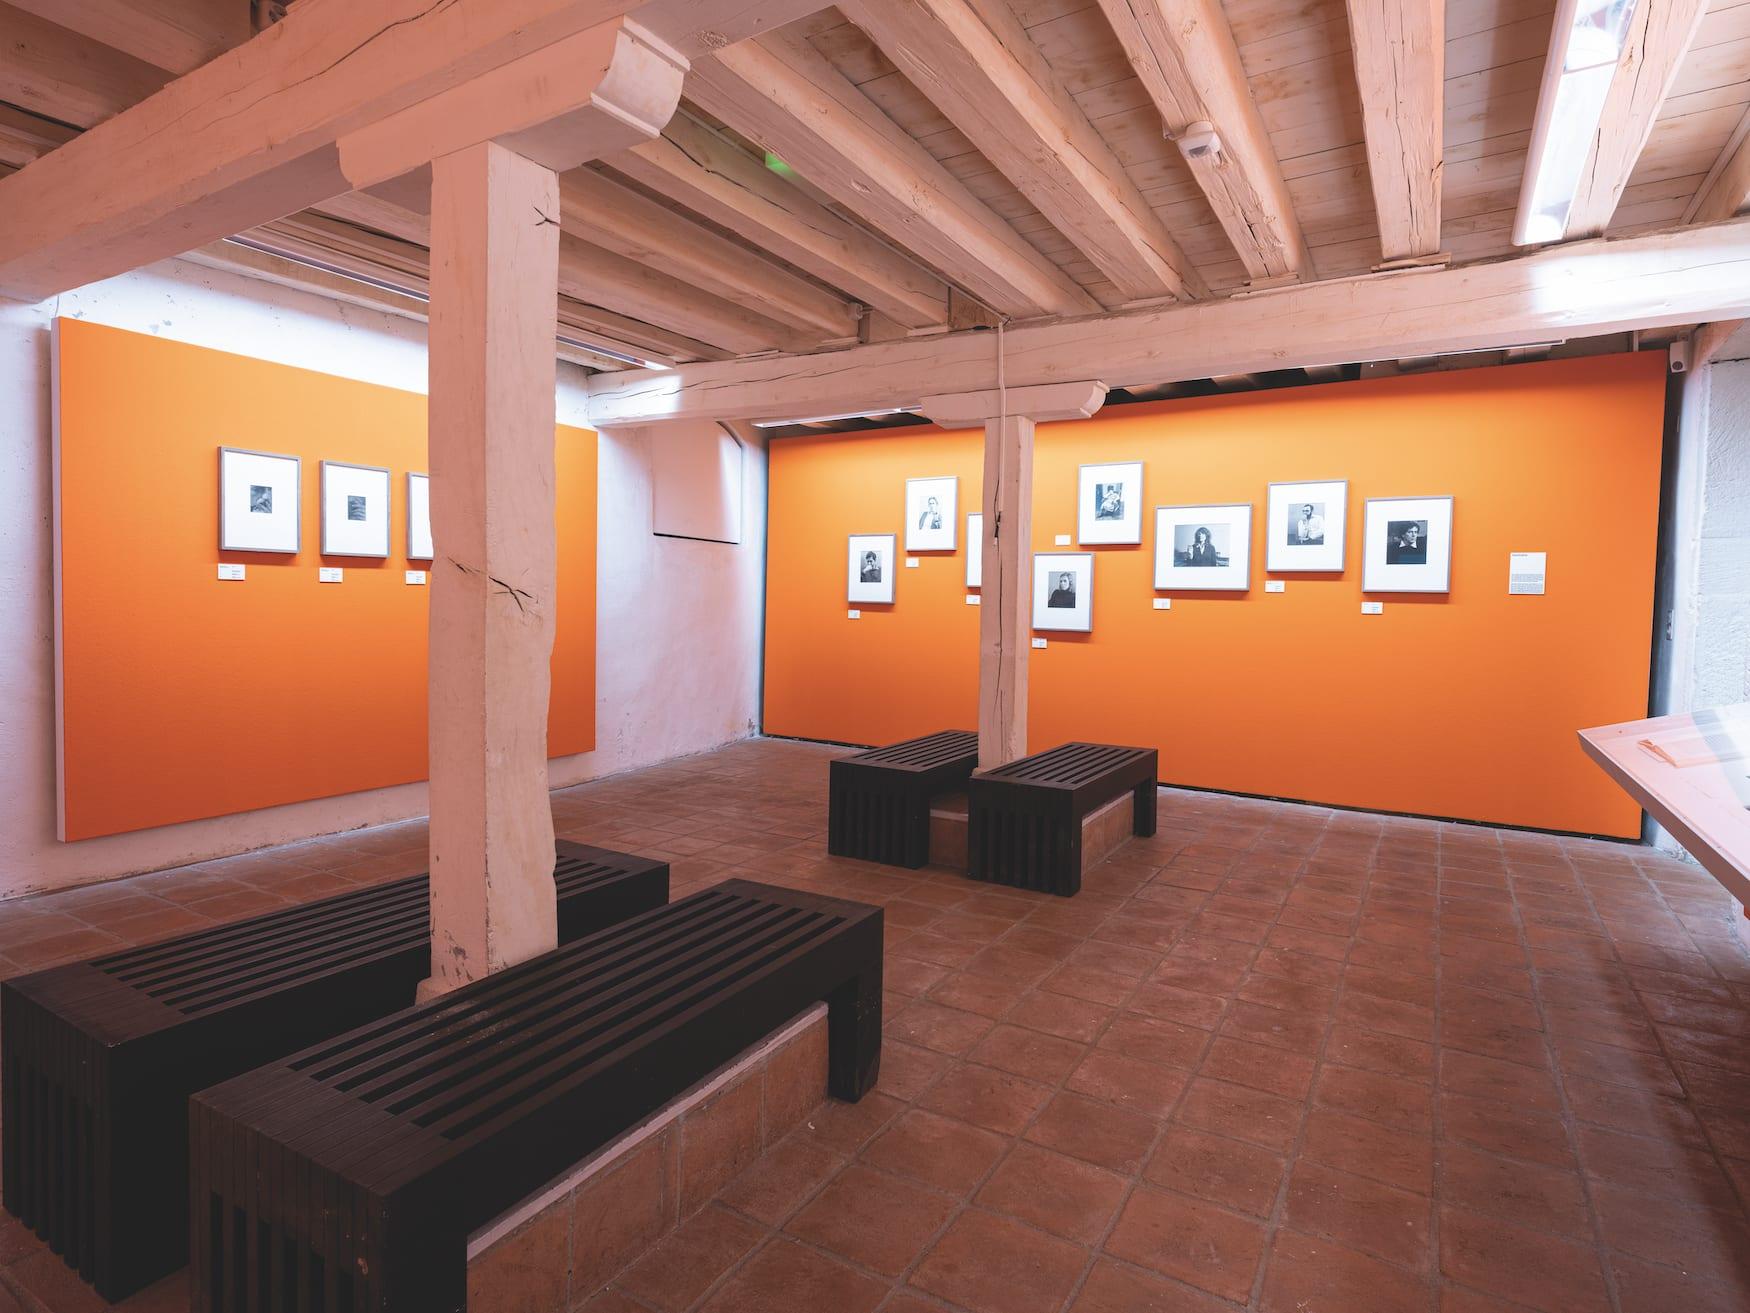 """Orangefarbener Ausstellungsraum im Museum """"Musée d'Elysée"""" in Lausanne, Schweiz"""